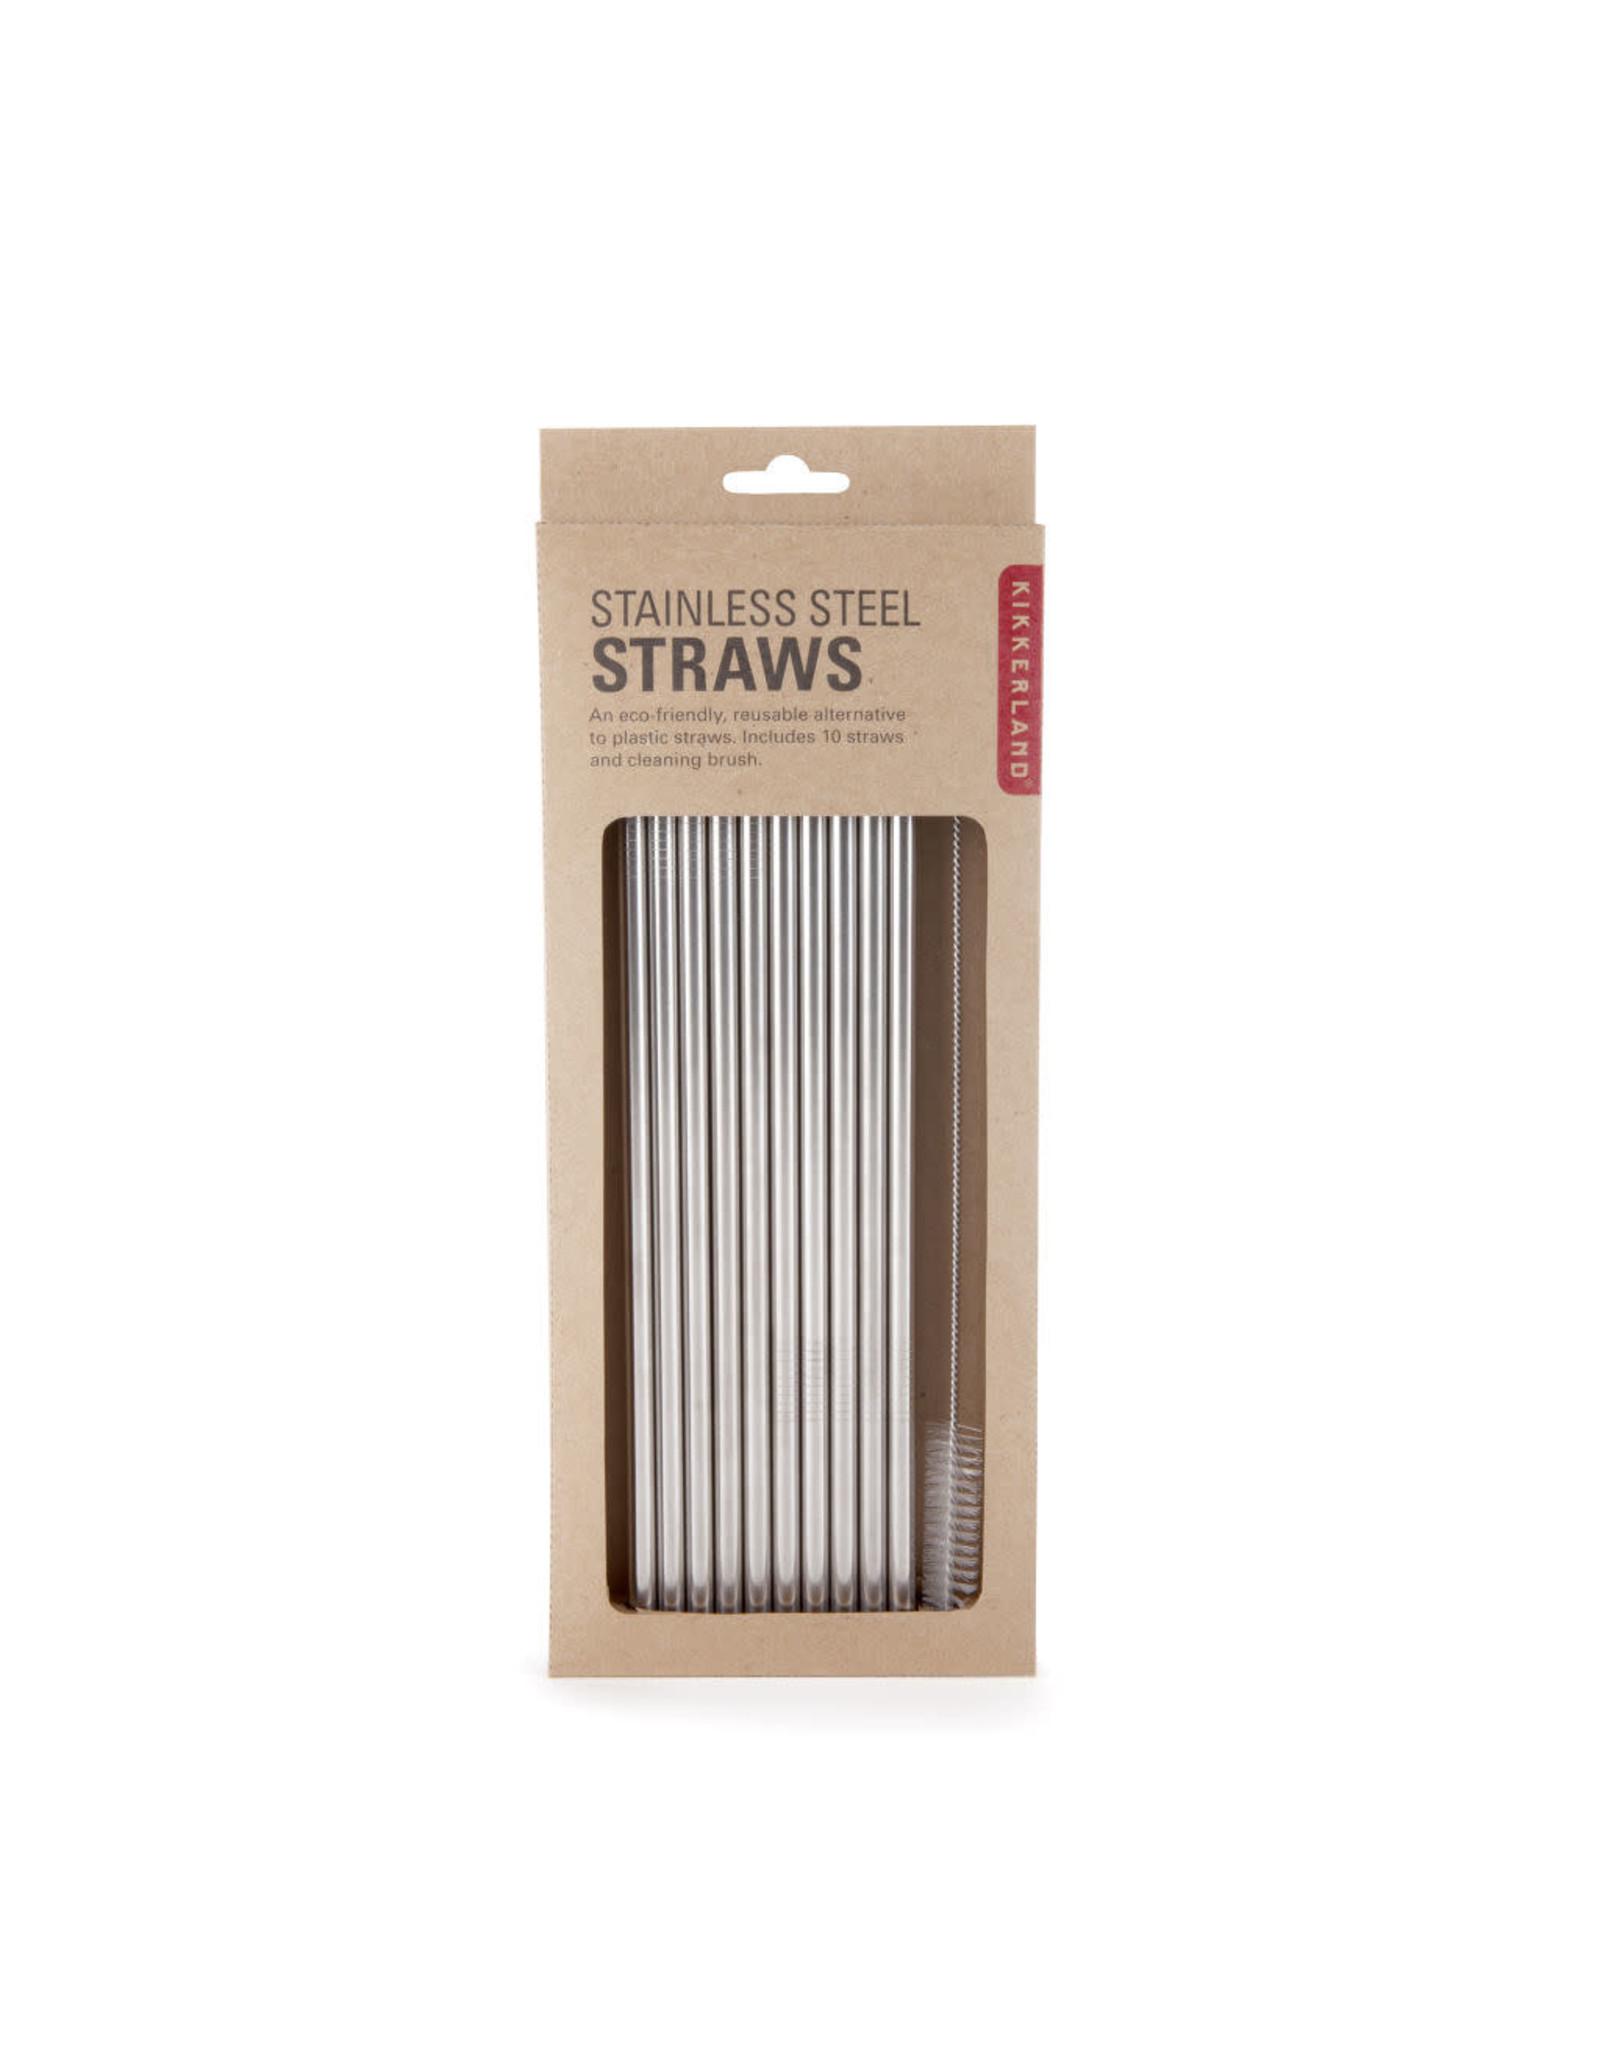 Kikkerland reusable straws - stainless steel